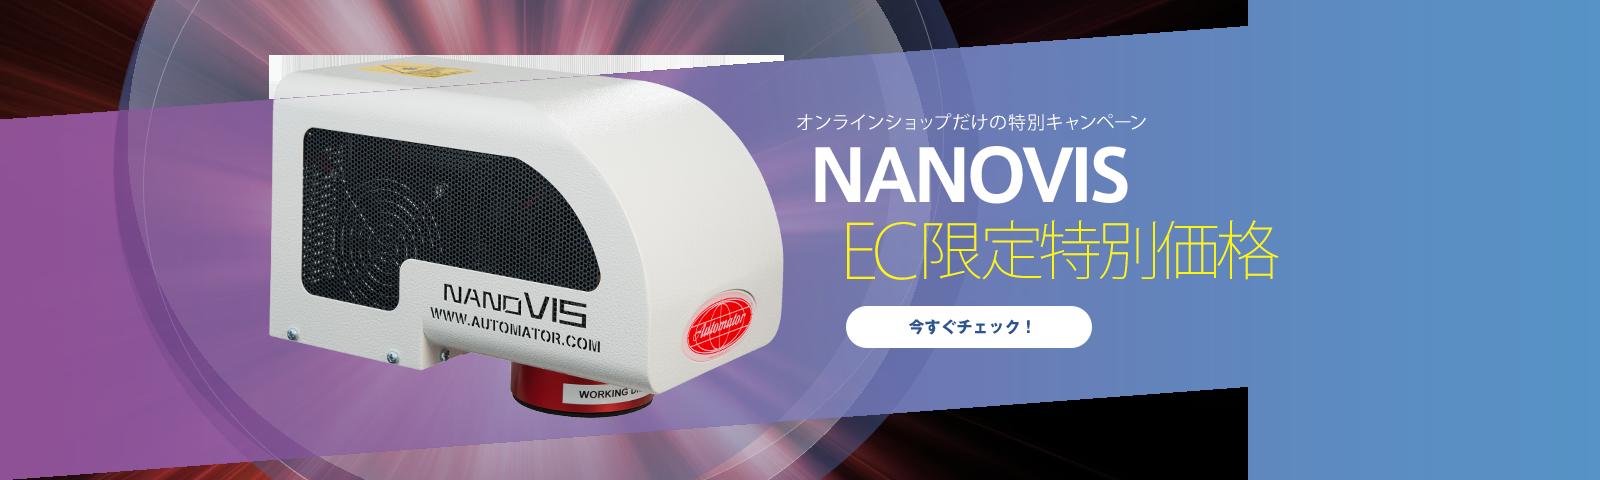 オンラインショップだけの特別キャンペーン NANOVIS特別価格